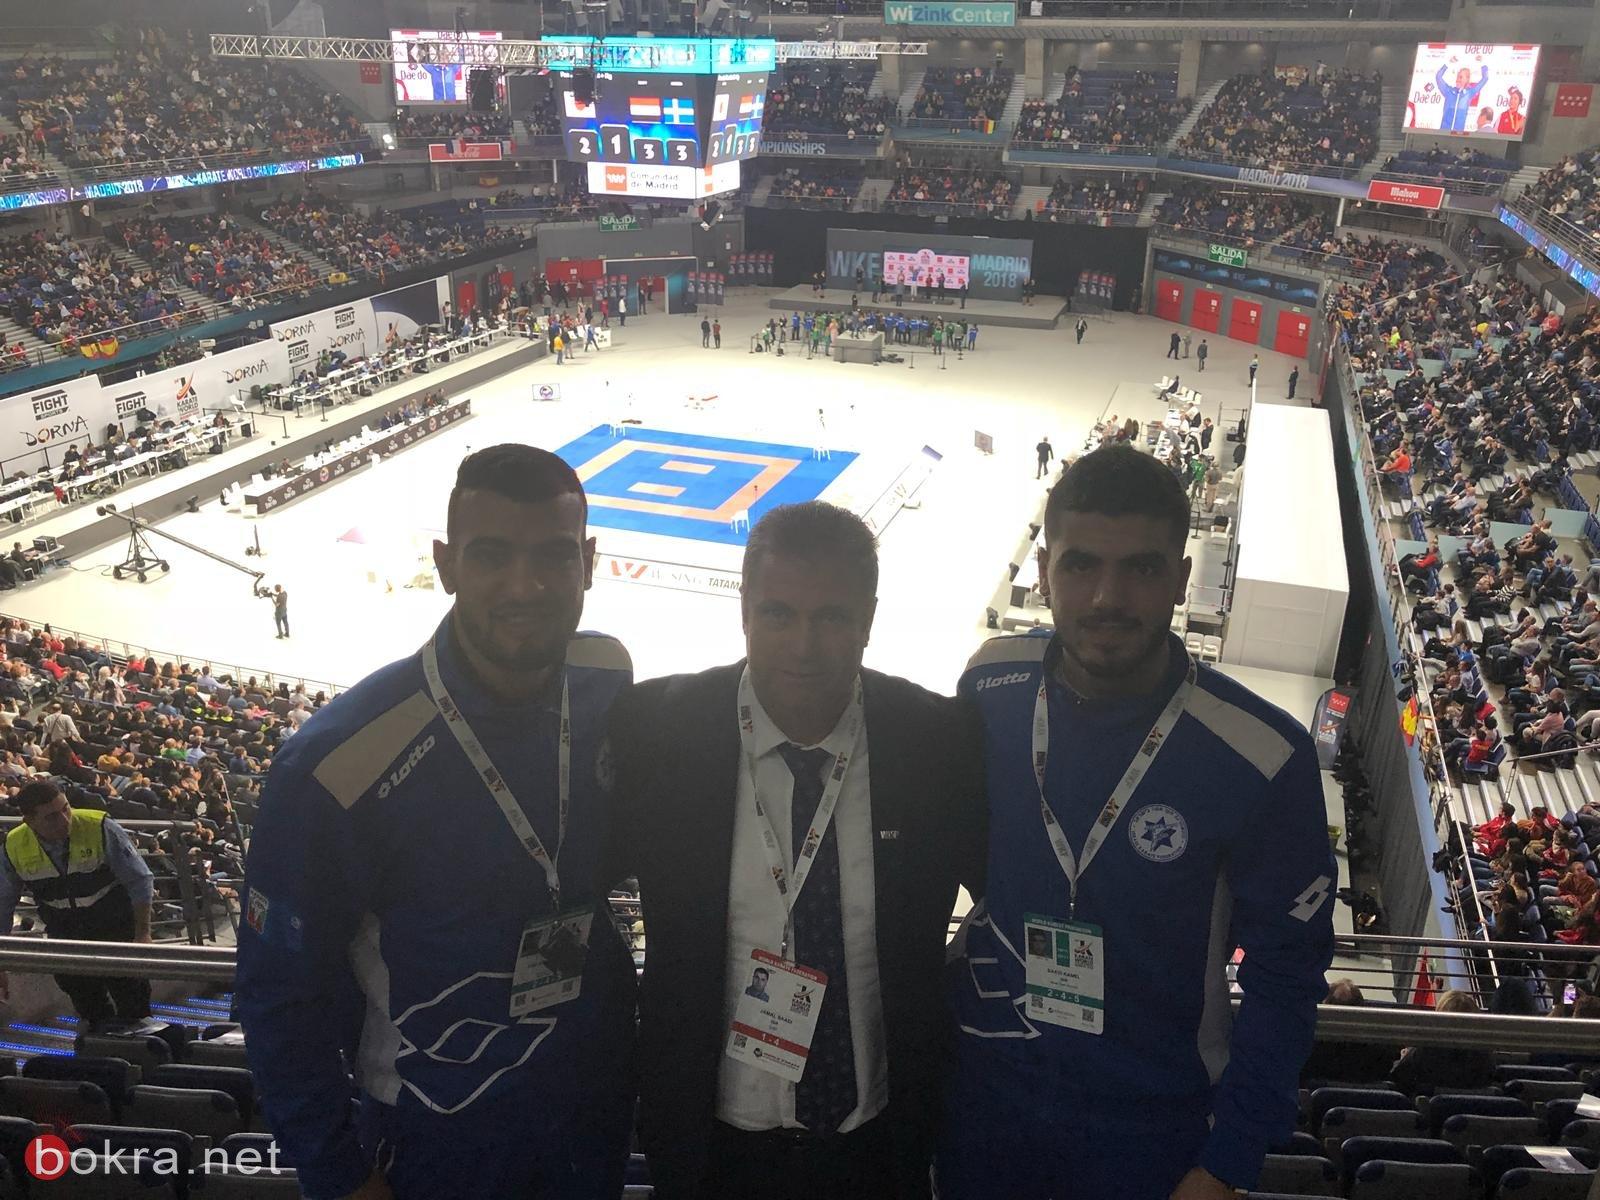 عودة منتخب اسرائيل للكراتيه من بطوله العالم في مدريد اسبانيا